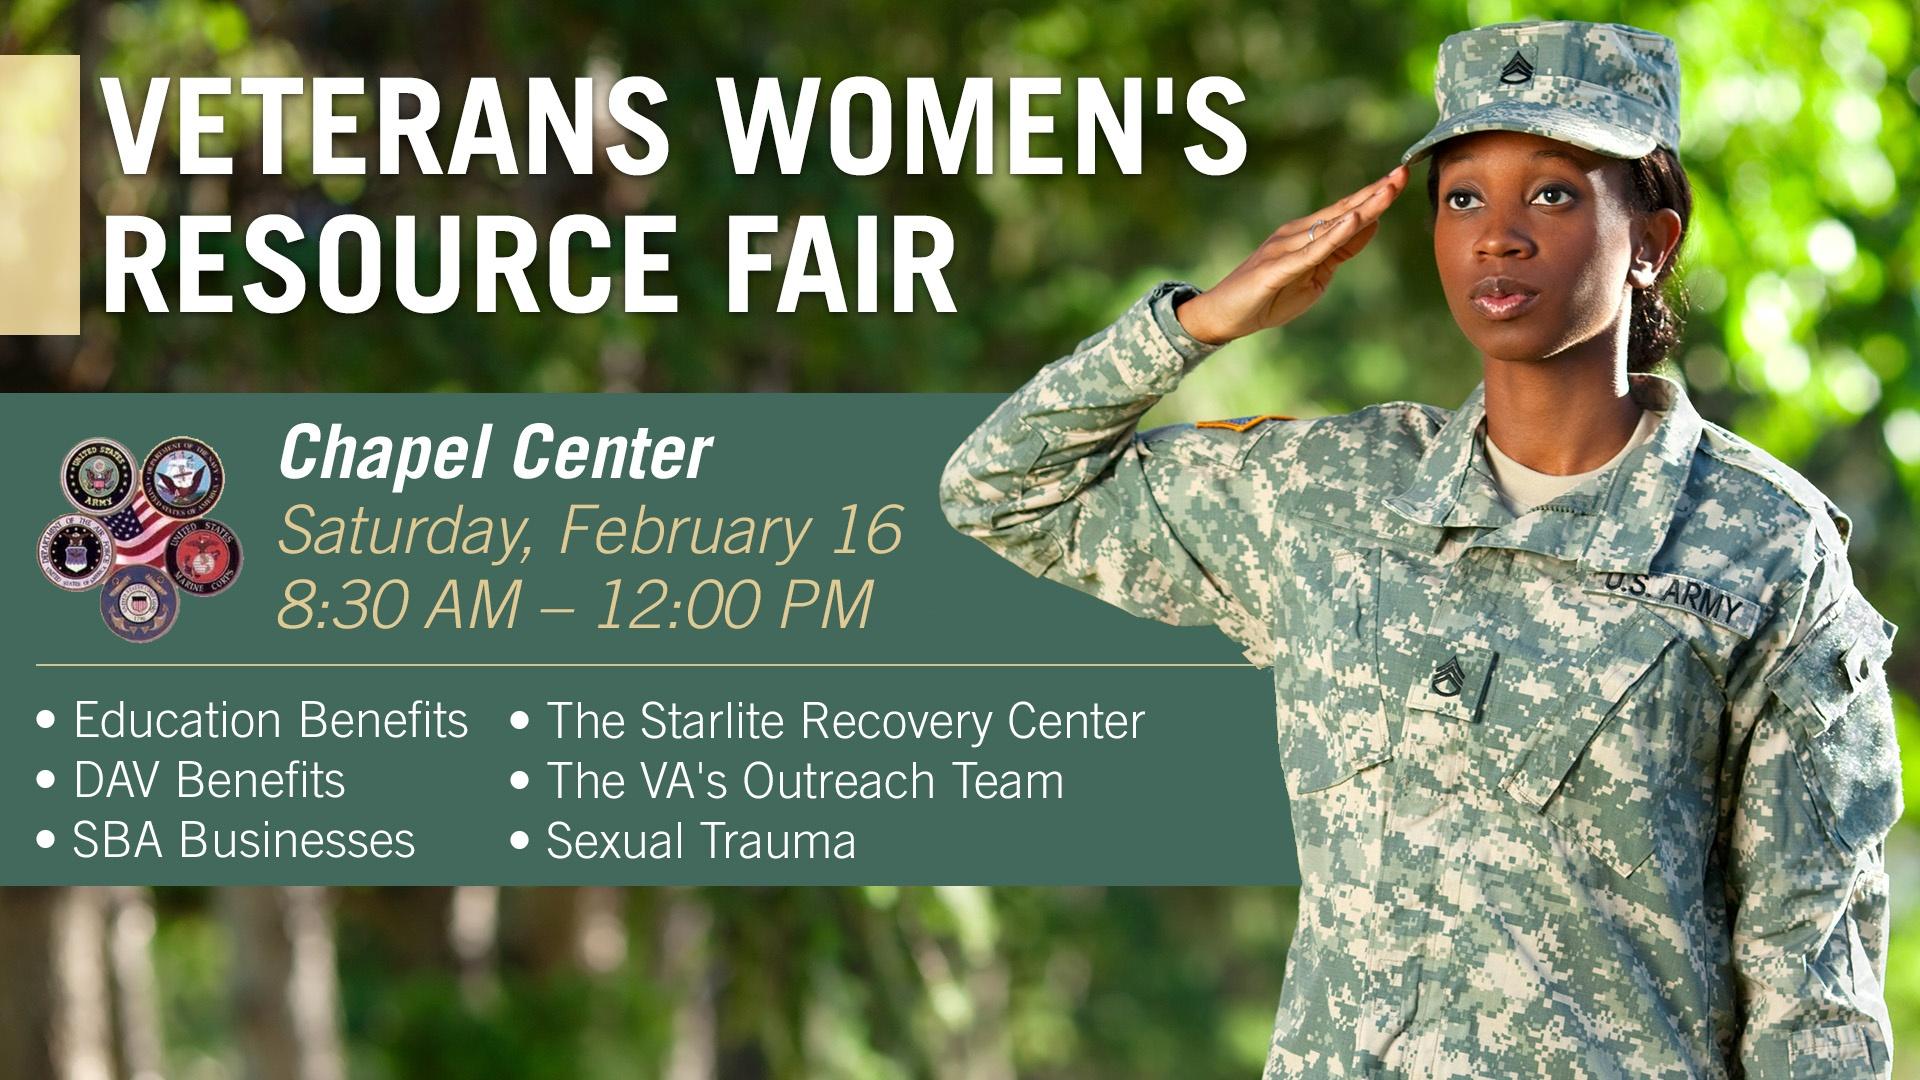 Veterans Women's Resource Fair